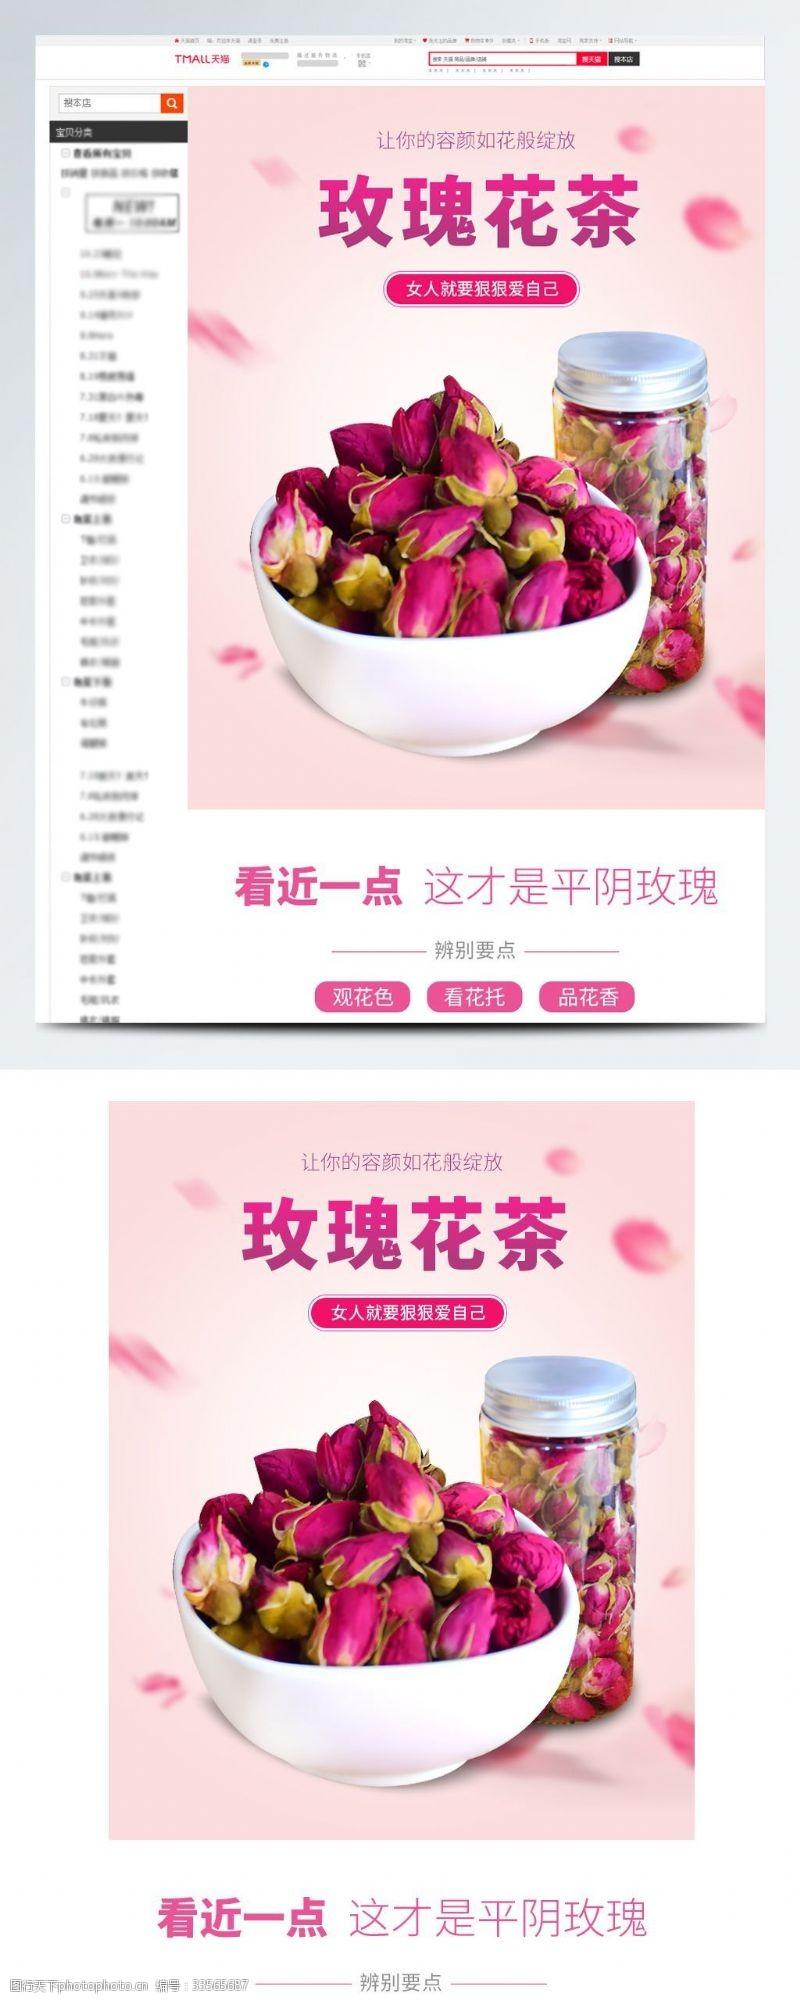 淘宝玫瑰花茶详情粉色奶茶茶饮描述页面